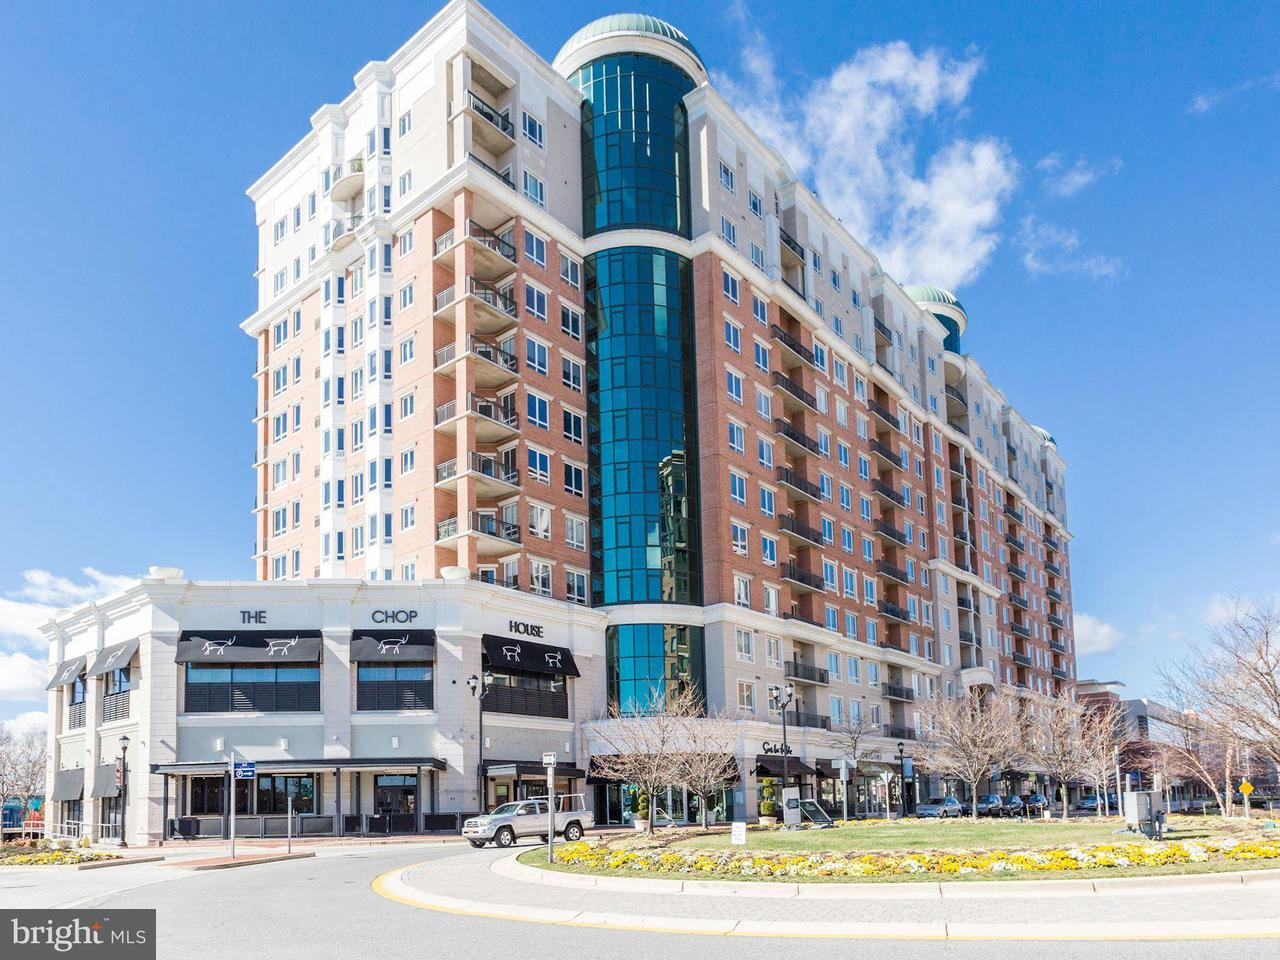 Кондоминиум для того Продажа на 1915 Towne Centre Blvd #203 1915 Towne Centre Blvd #203 Annapolis, Мэриленд 21401 Соединенные Штаты